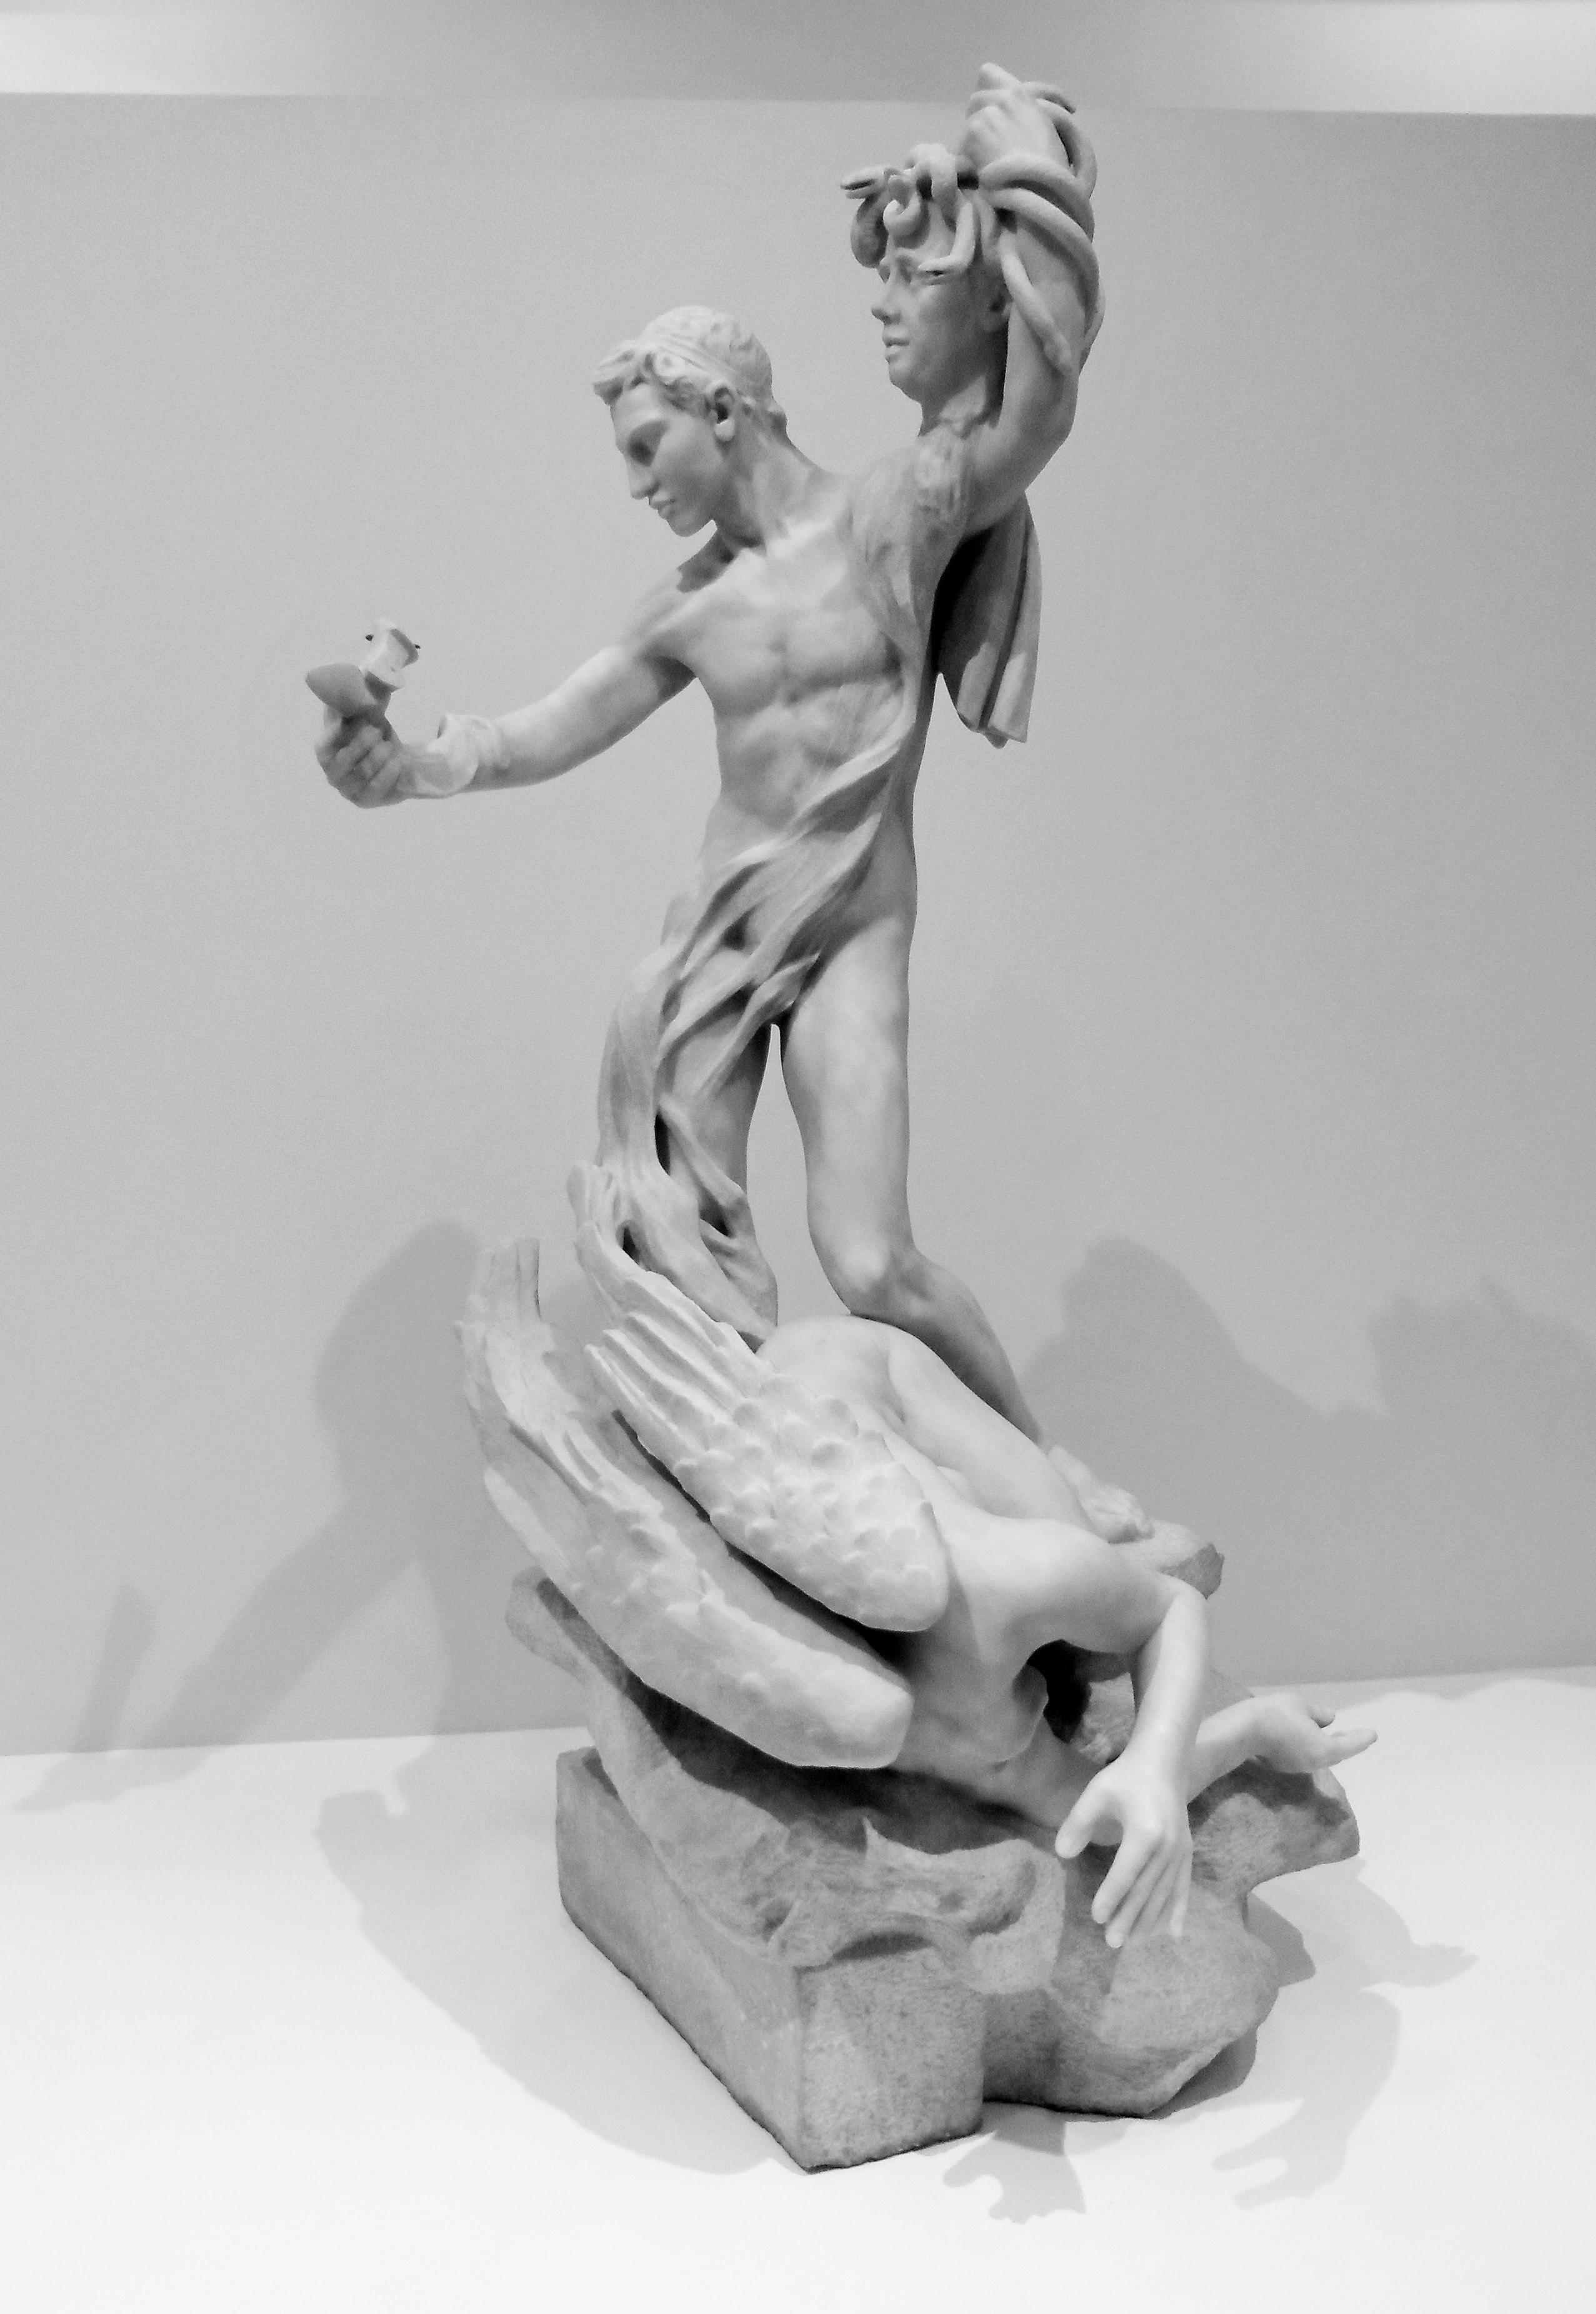 Resultado de imagen de camille claudel persee et la gorgone